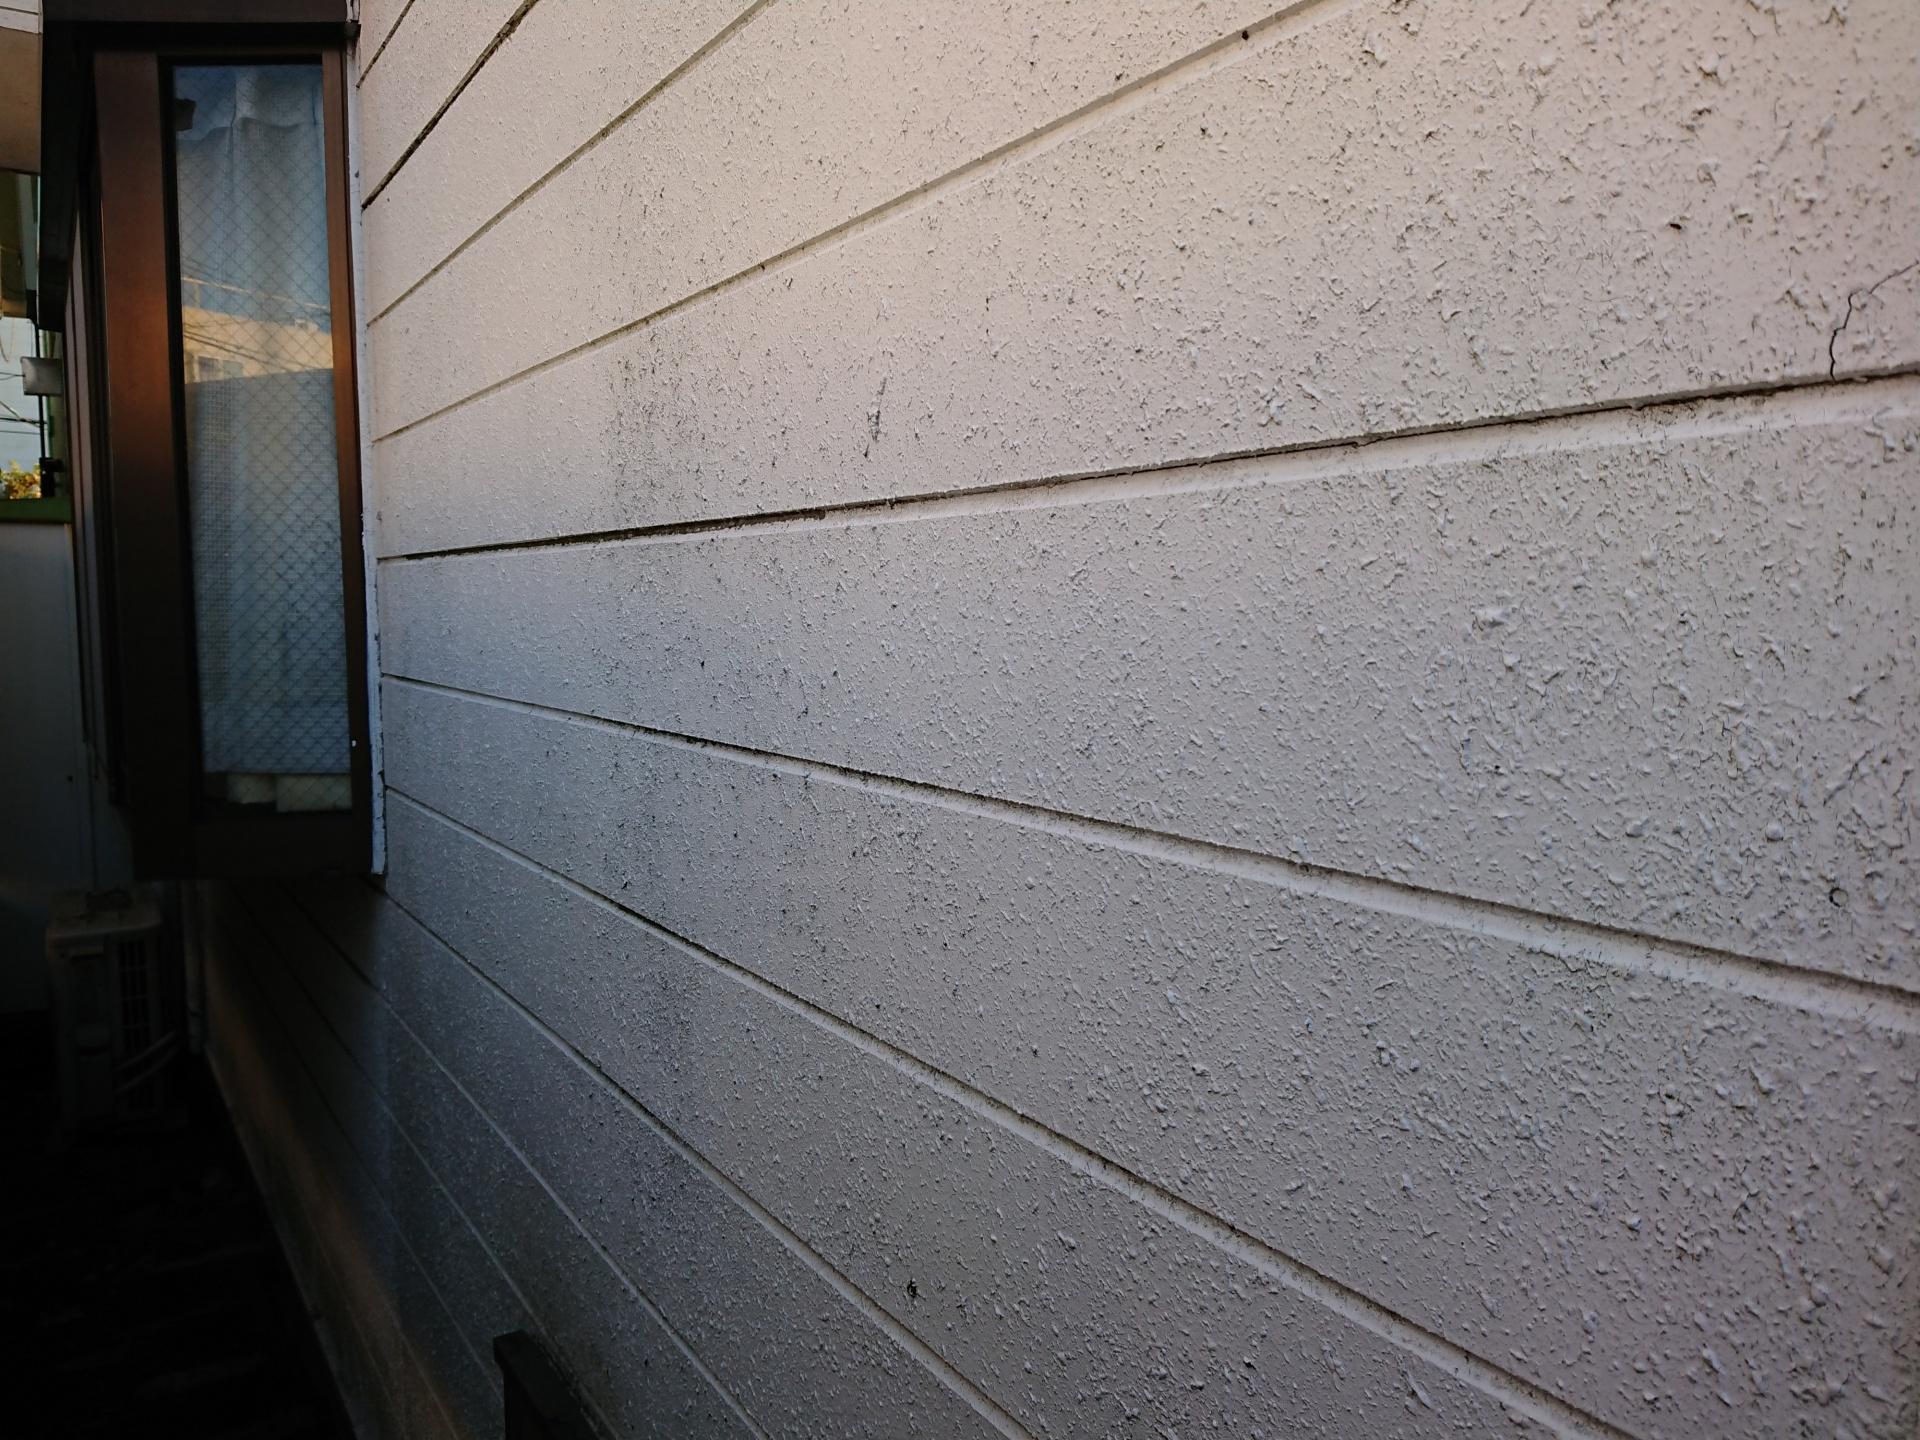 玄関周りは家の顔ですが、軒や雨樋、外壁に経年の汚れや前回塗装時の不備がありパッと見てみると元々が白い外壁な為余計に汚れが目立ってしまっていました。